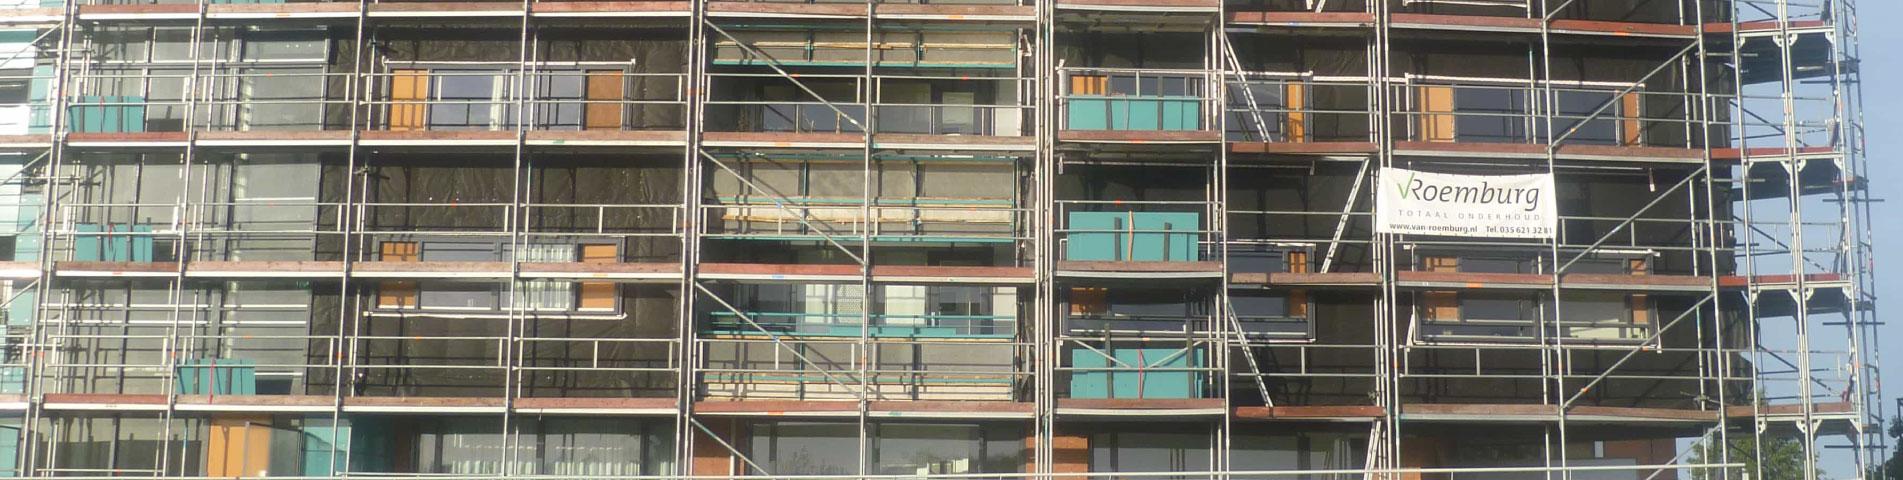 Van Roemburg Totaal Onderhoud header afbeelding gebouw in de steigers